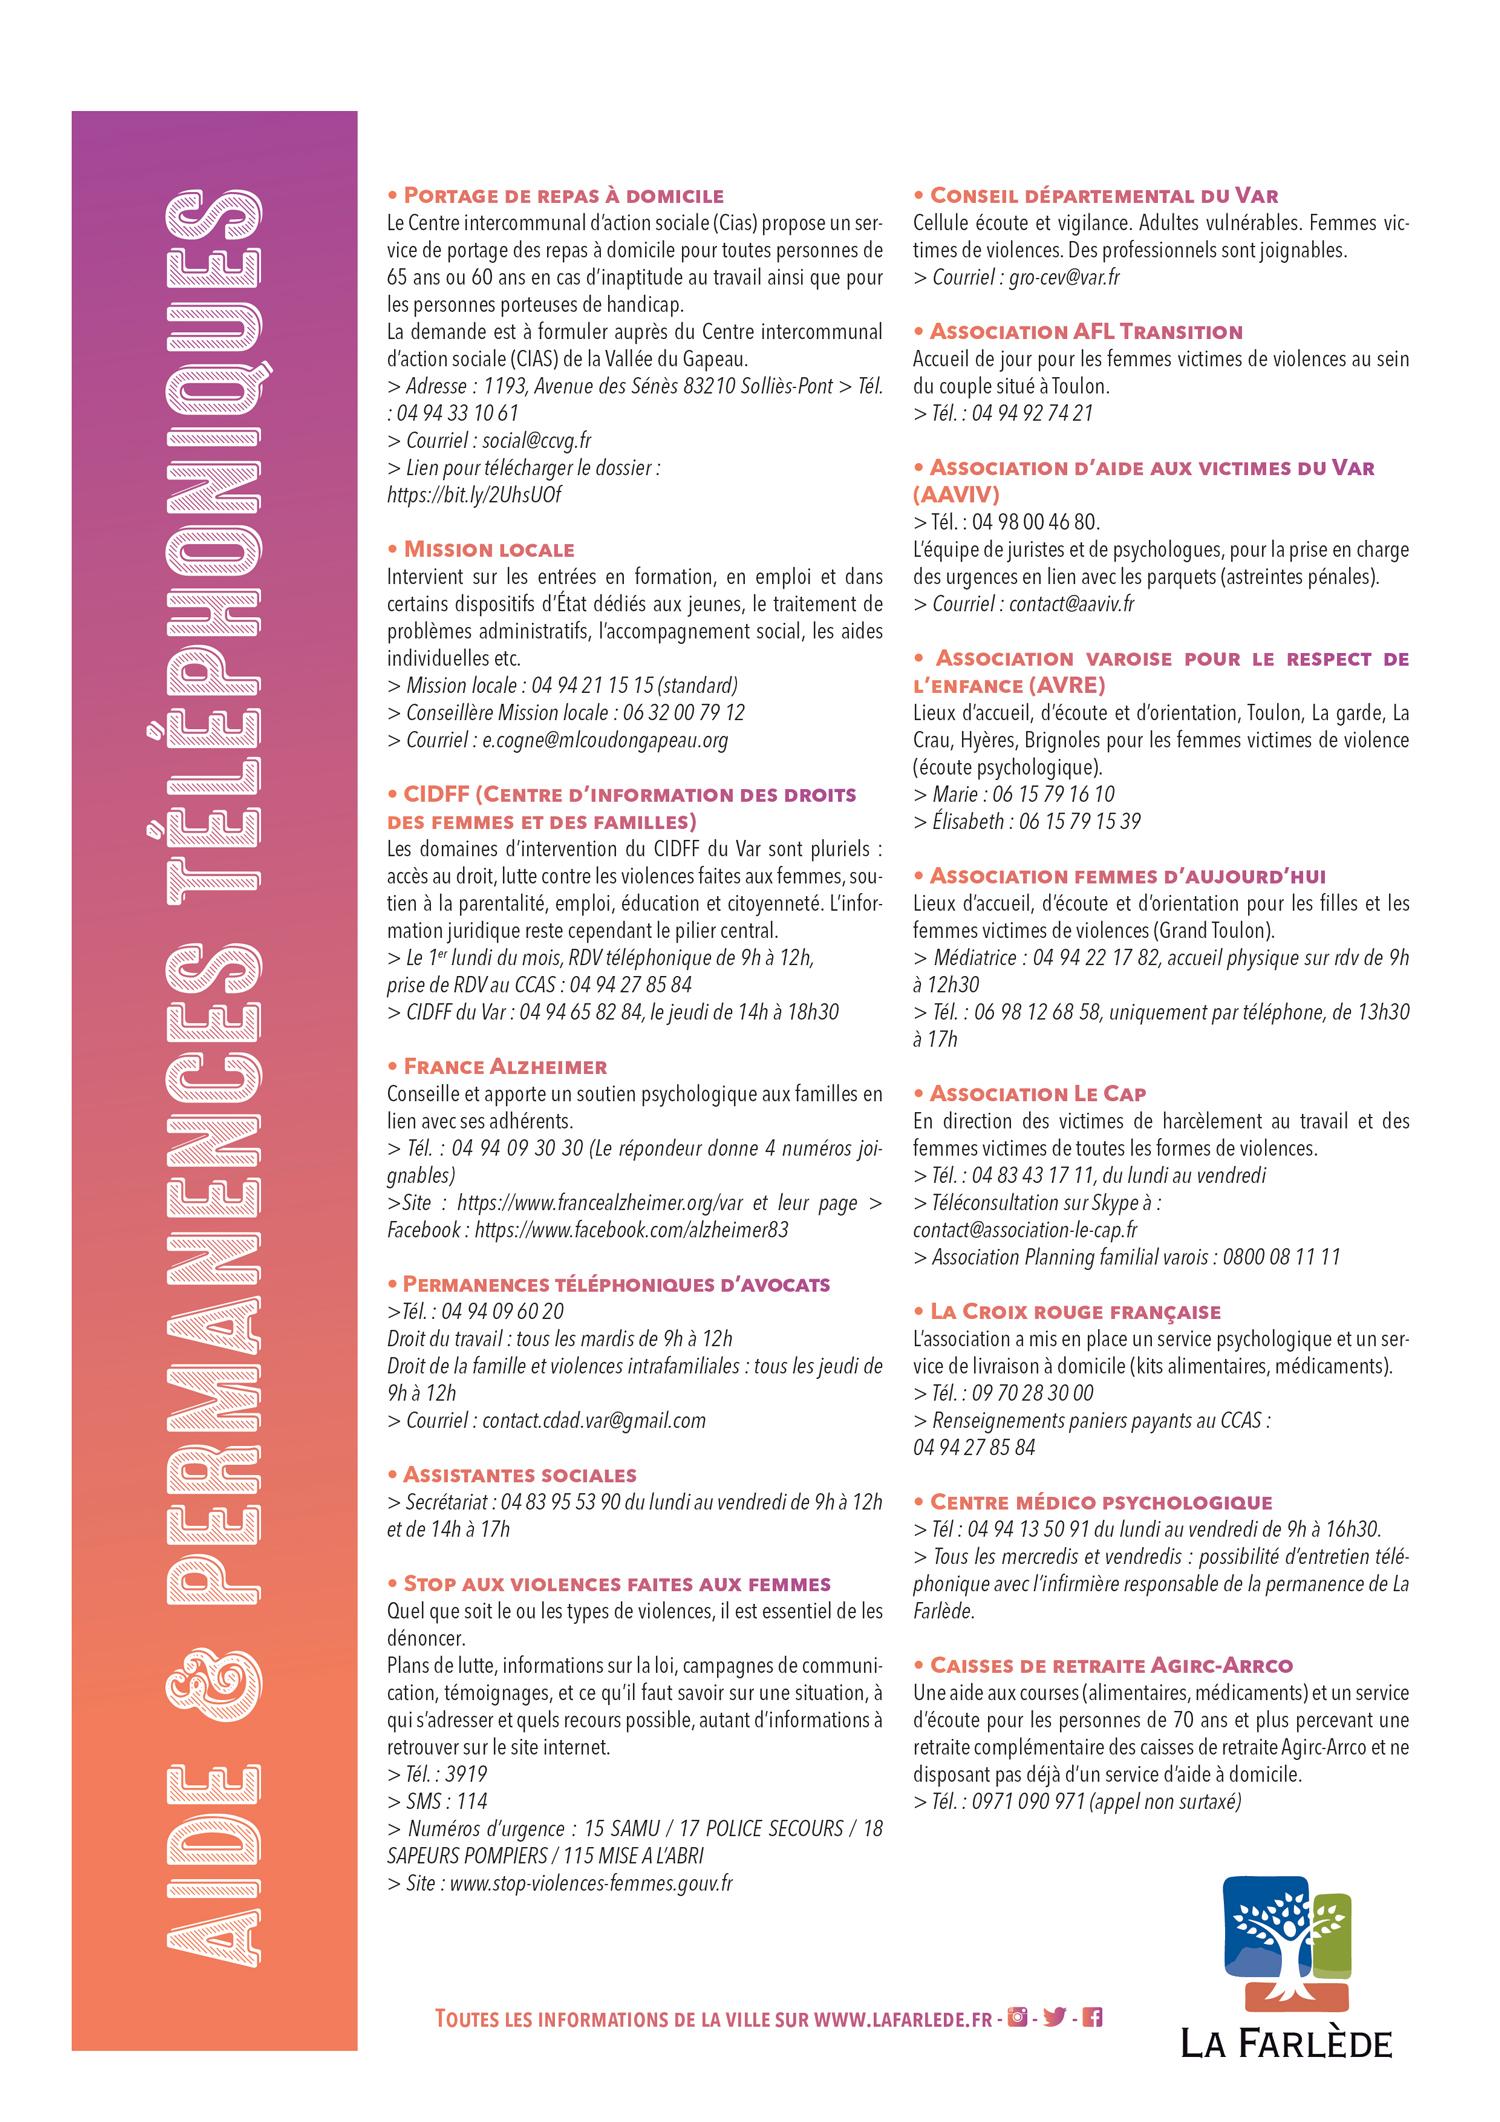 aide-et-permanences-telephoniques-ccas-web.jpg